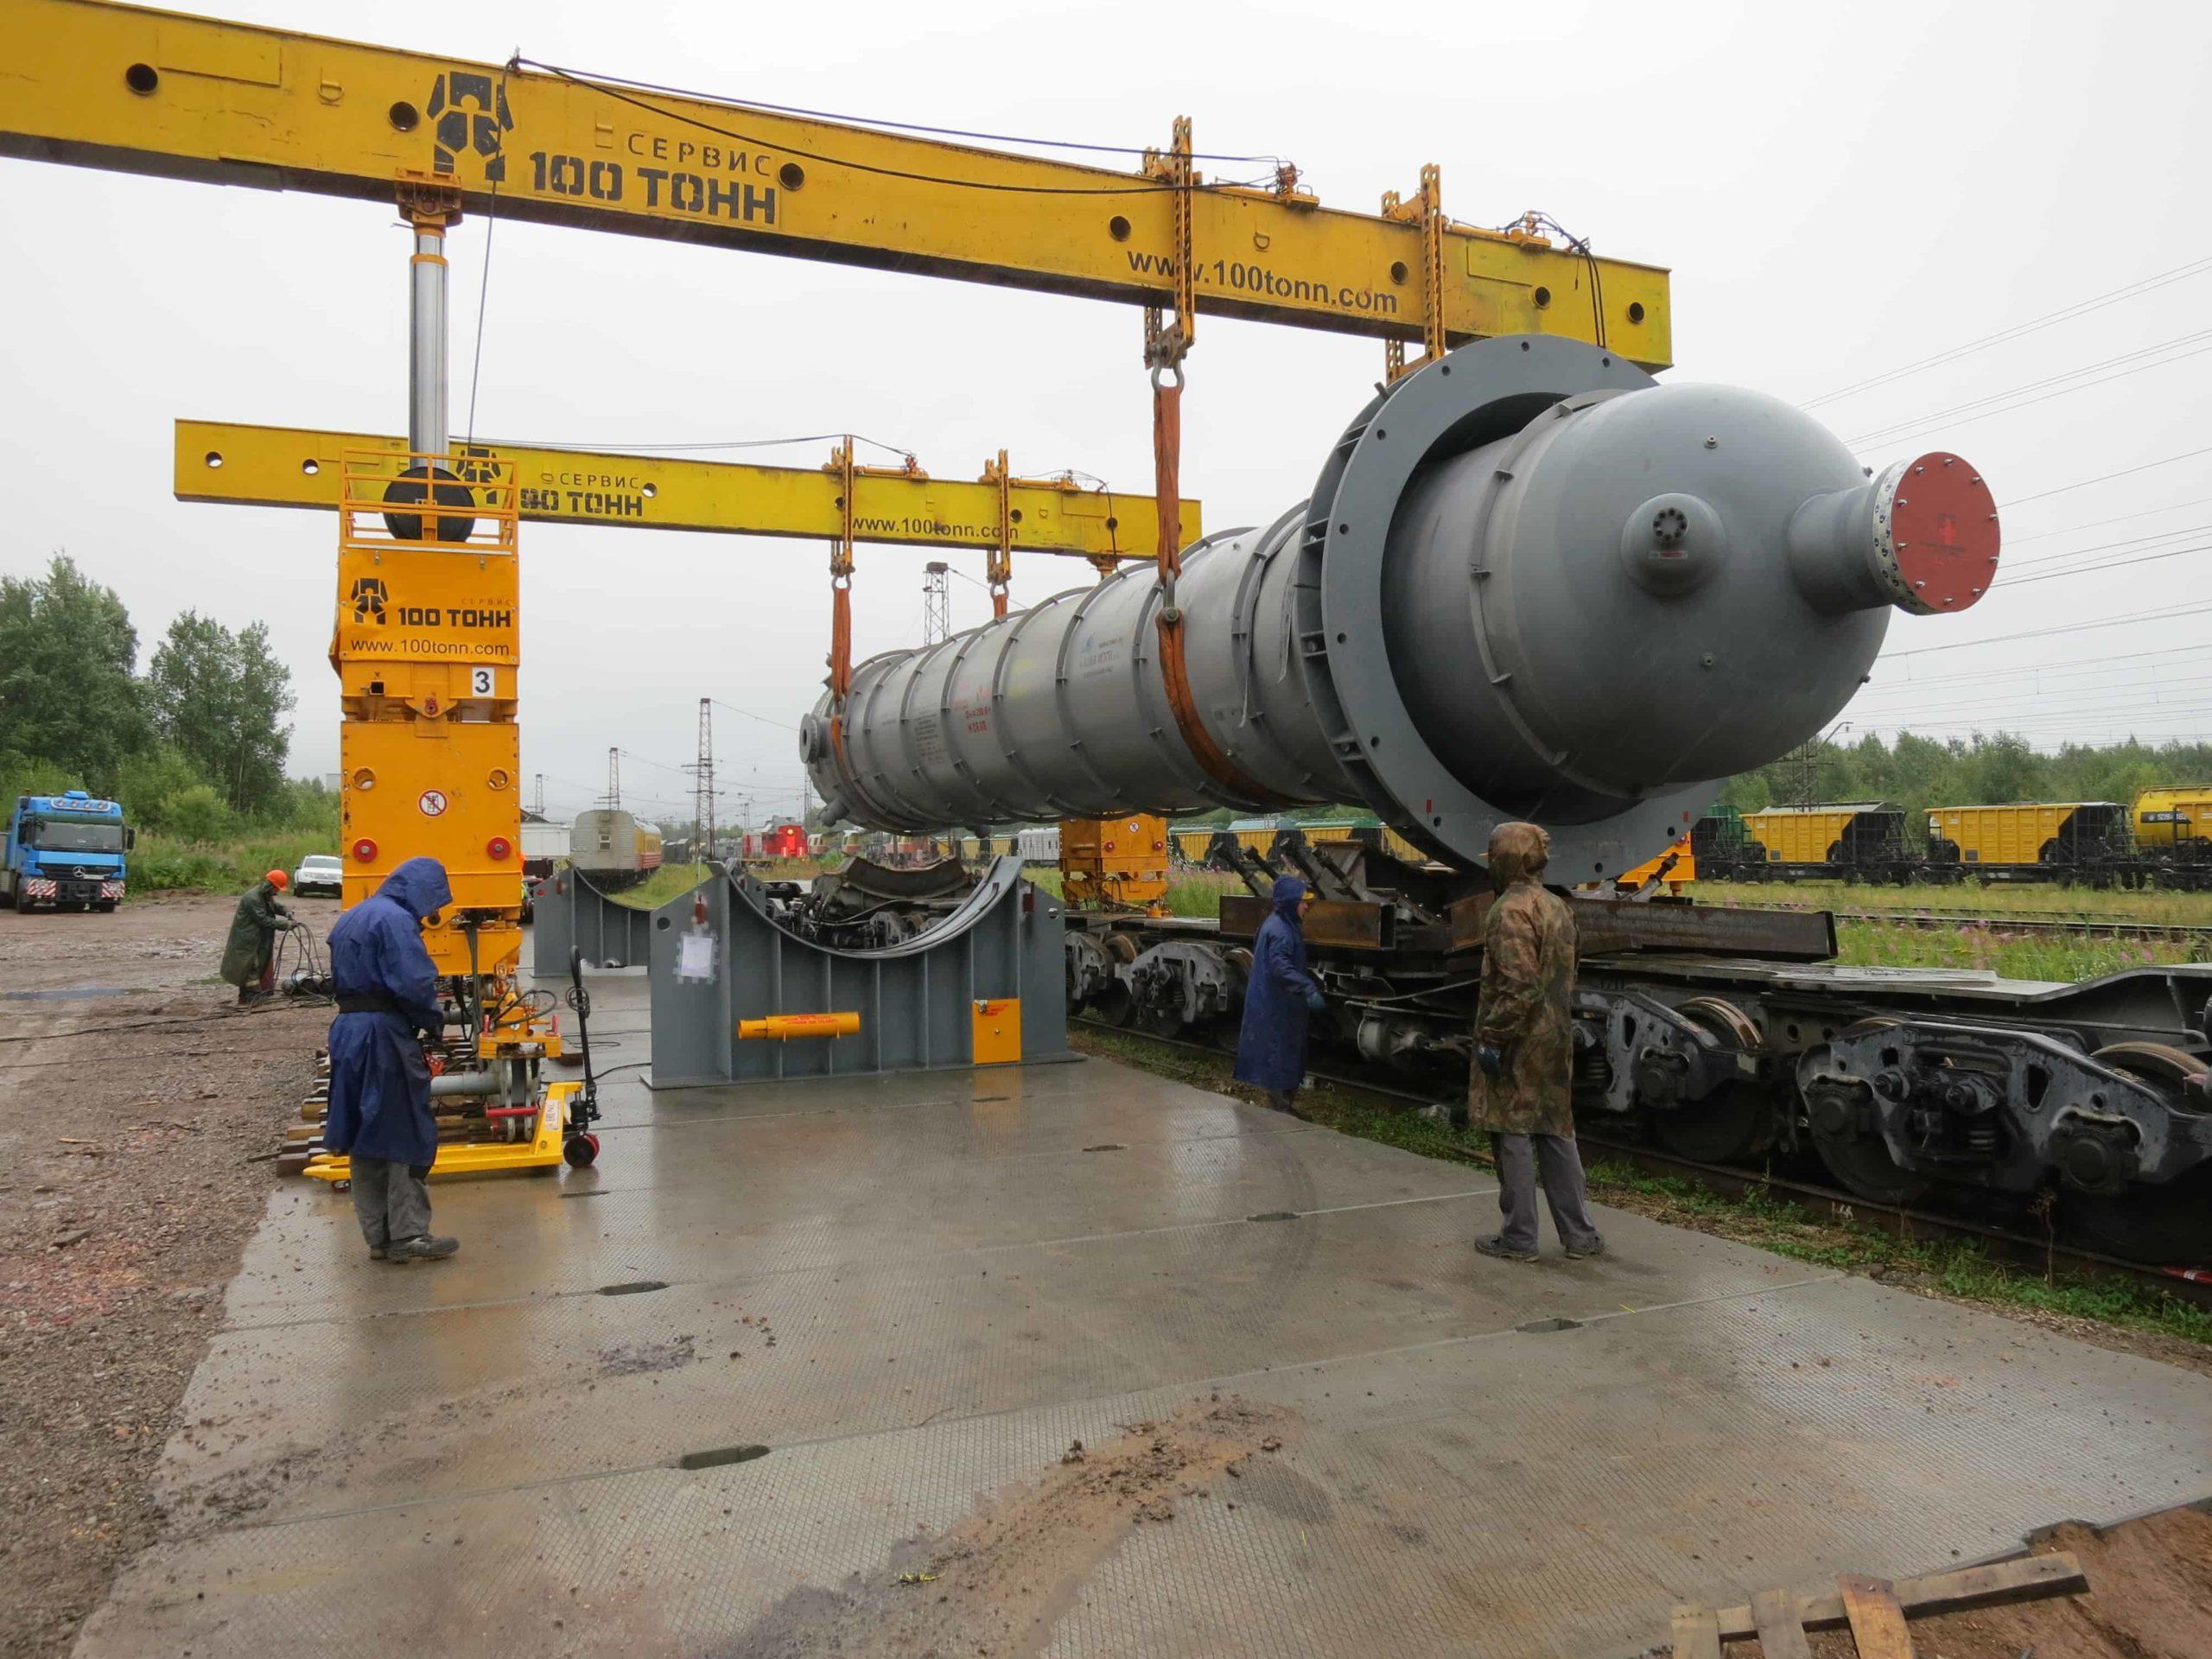 Перемещение реактора 20-R-1001 на жд станции Углеуральская Пермский край